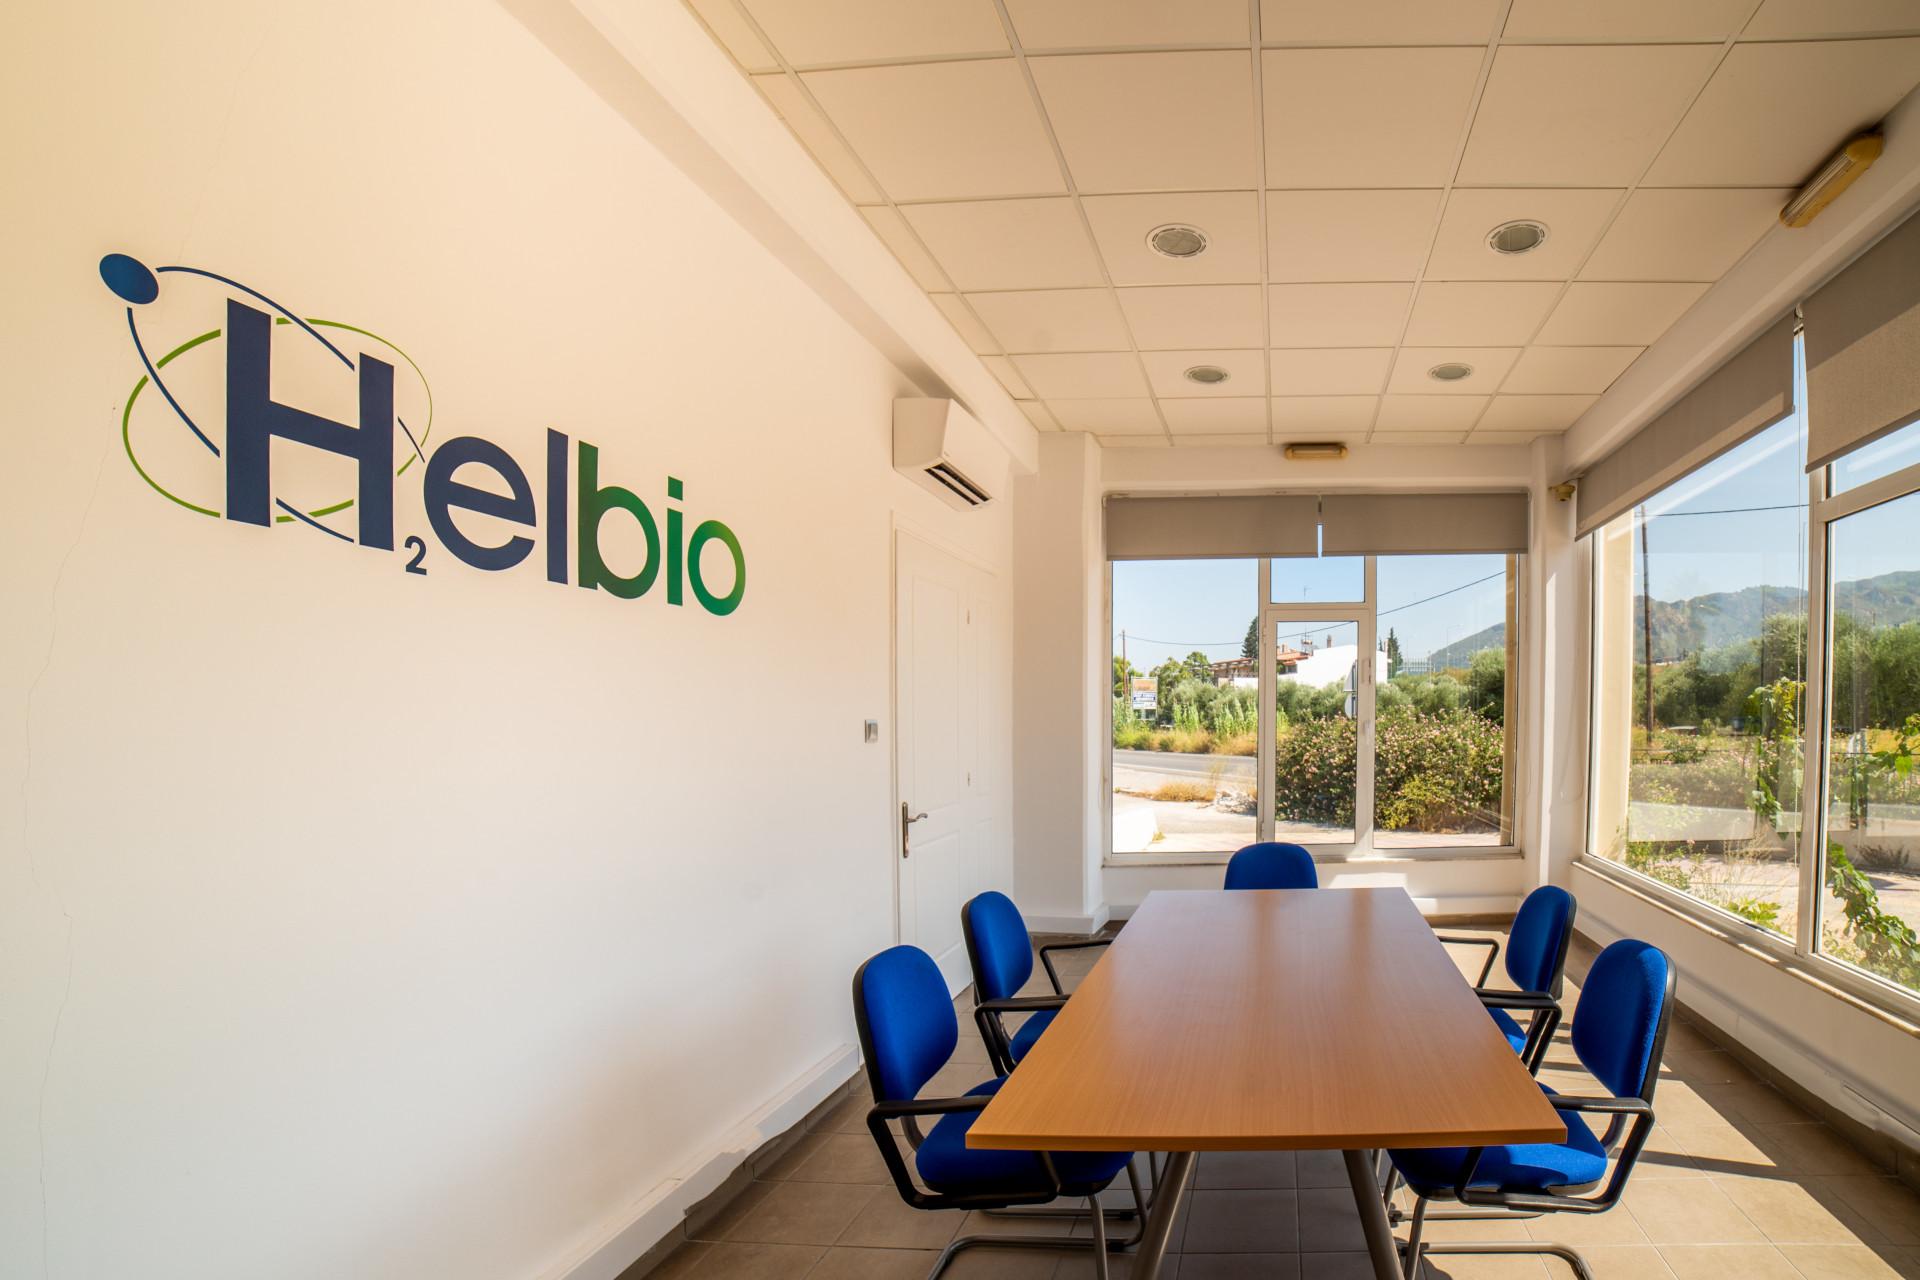 Helbio